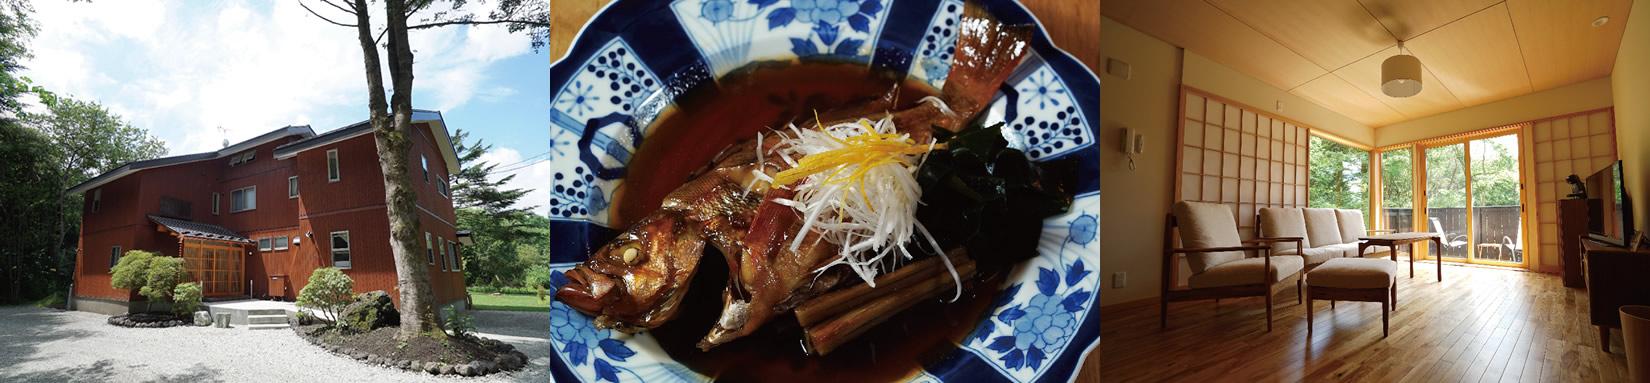 軽井沢の宿、ホテル、宿泊 「和食宿 菜々せ」